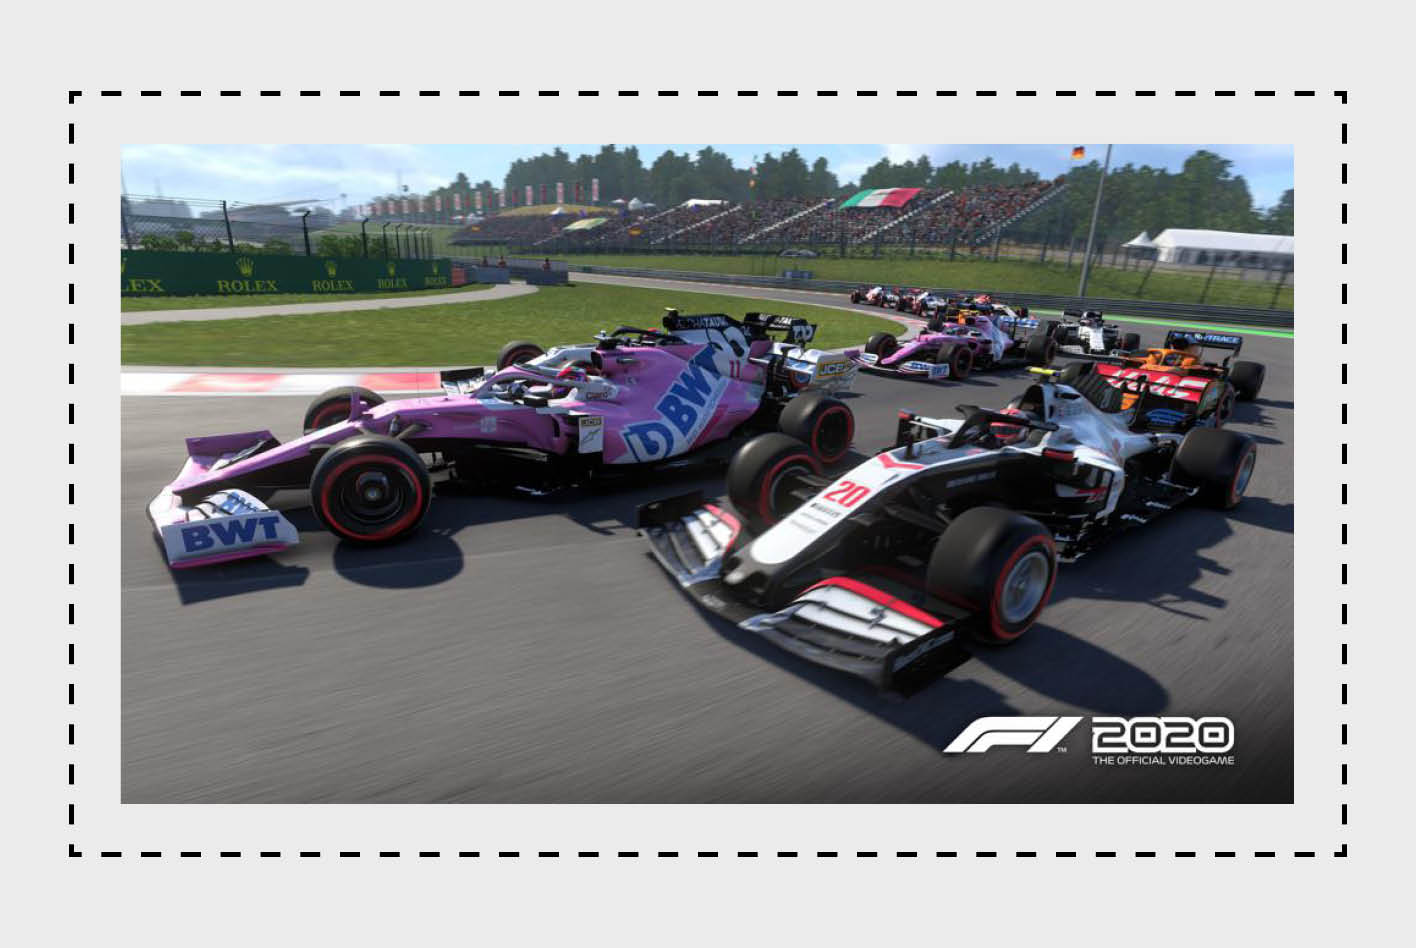 F1 2020 macht Fans von Racing-Games zu Fahrern und Teammanagern und über-zeugt mit einem realistischen Rennerlebnis.